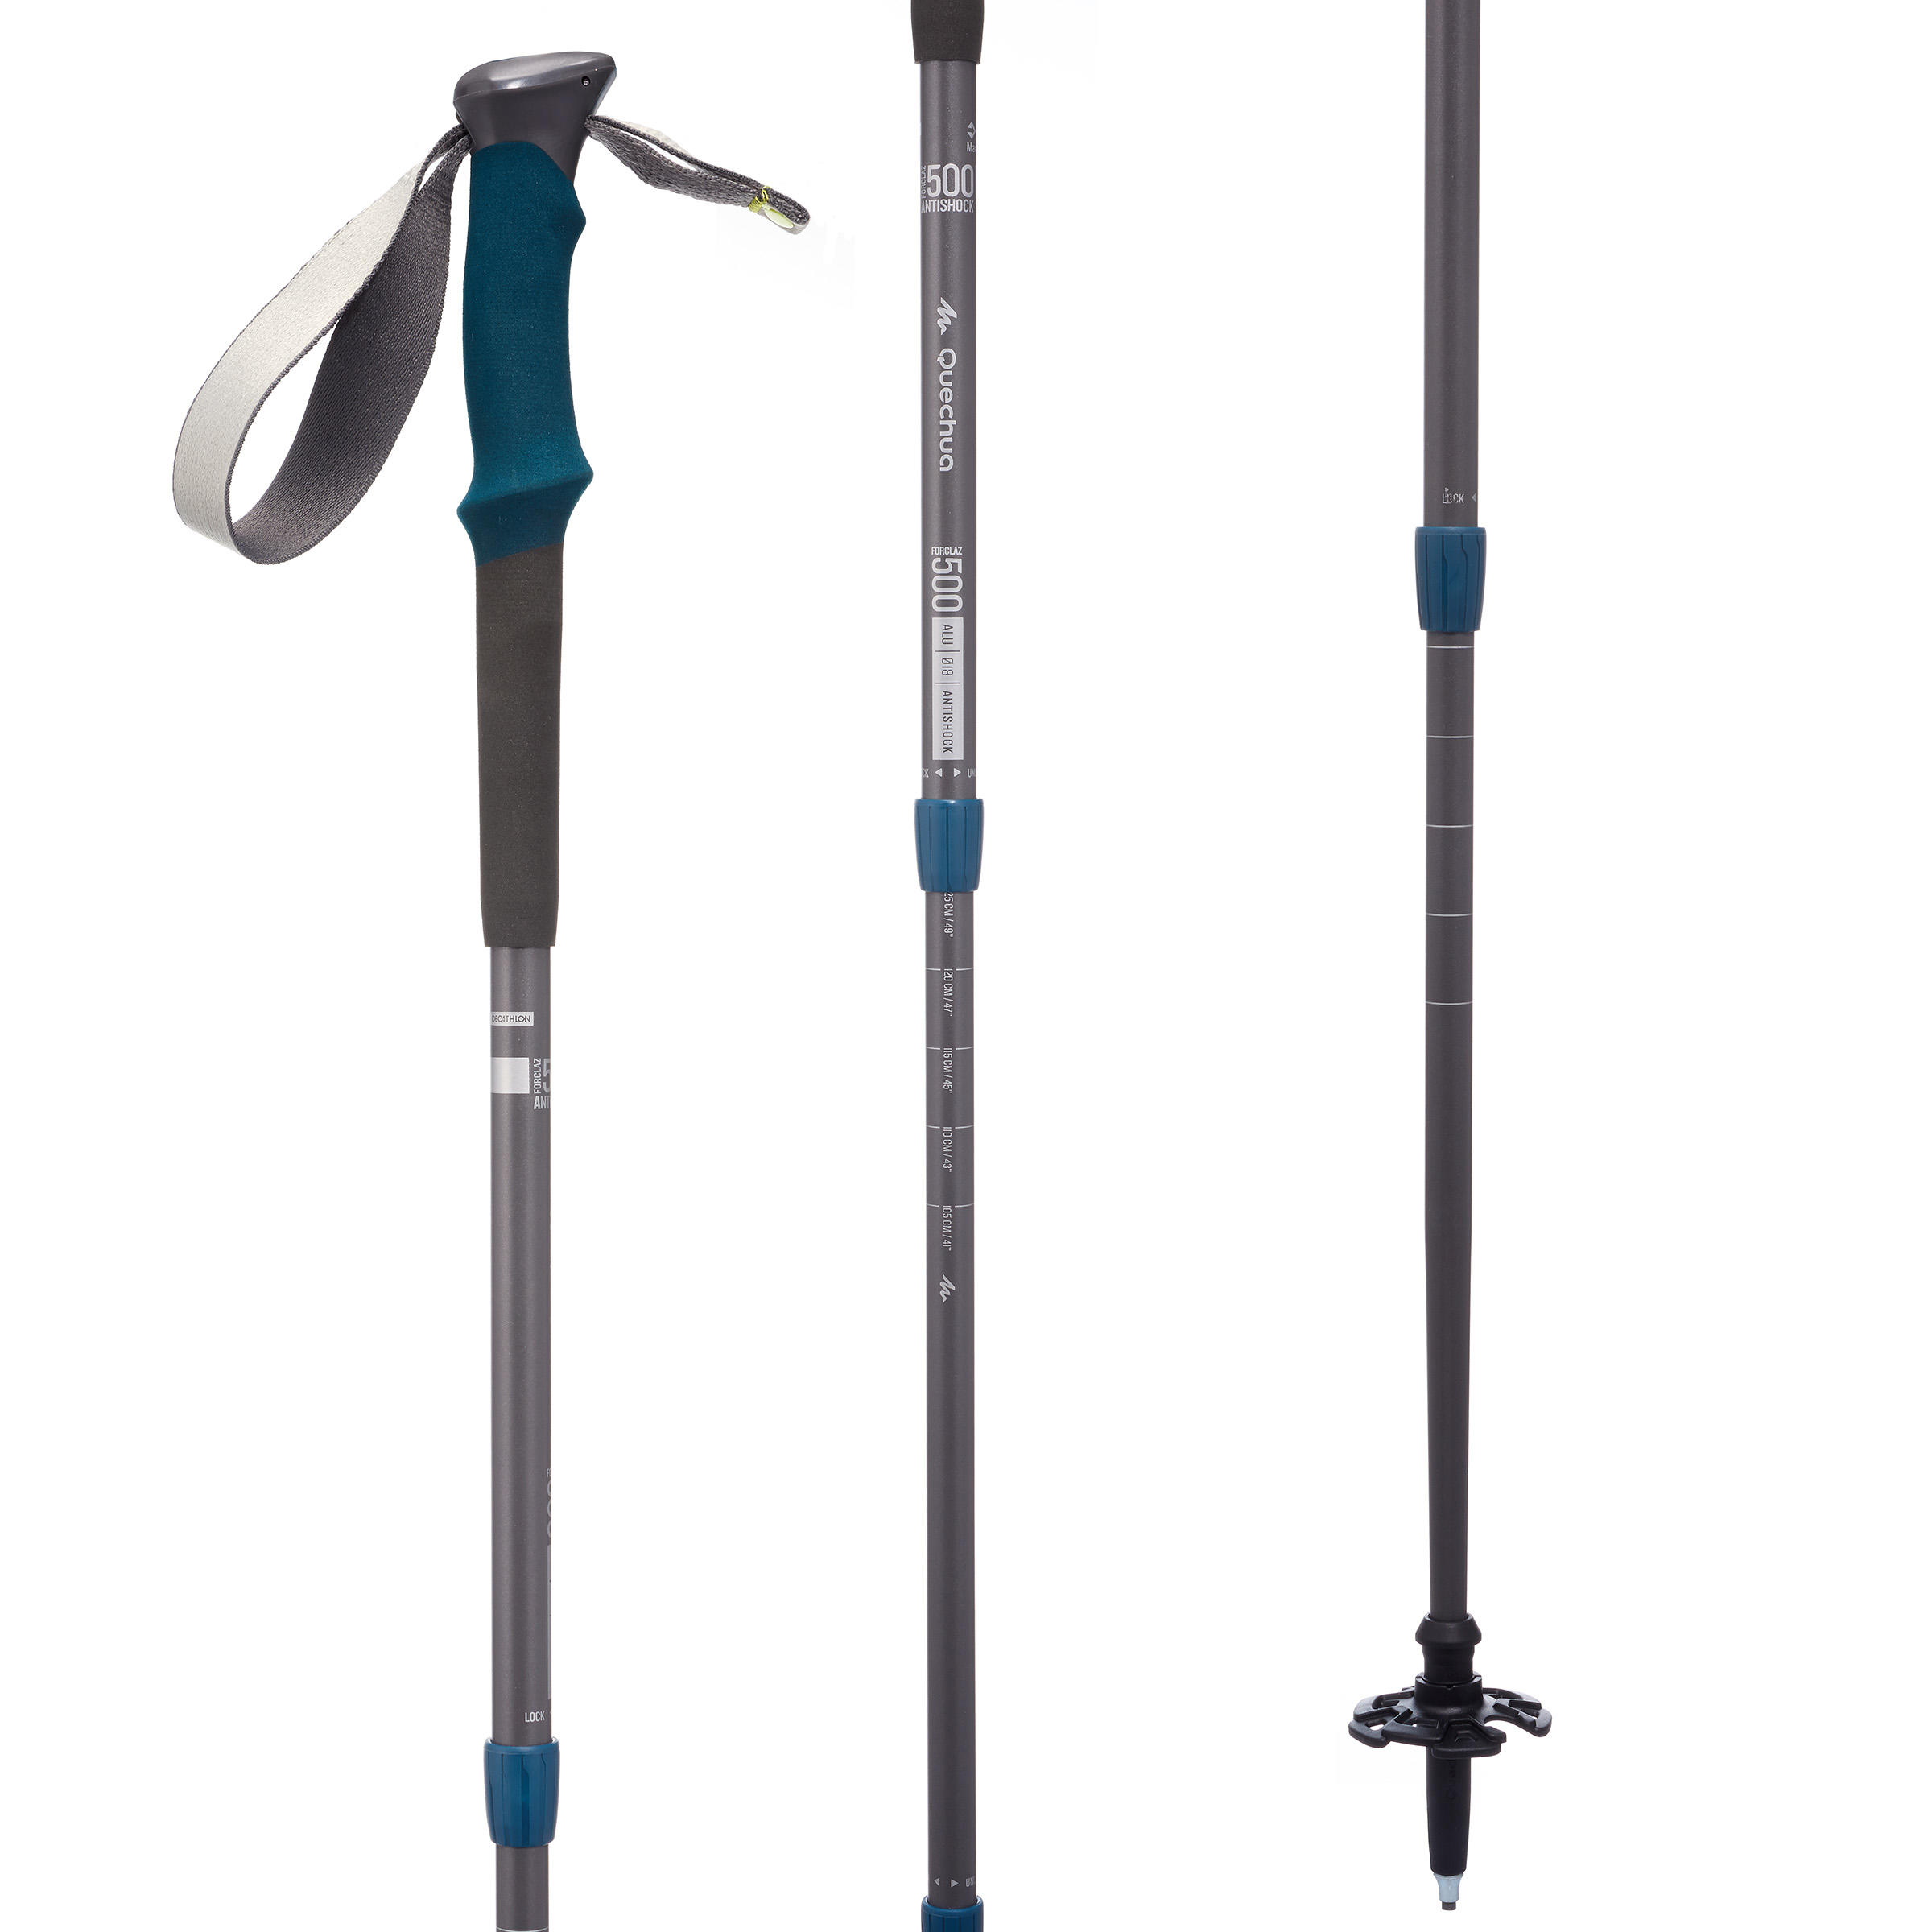 1 mountain walking pole F500 Antishock grey